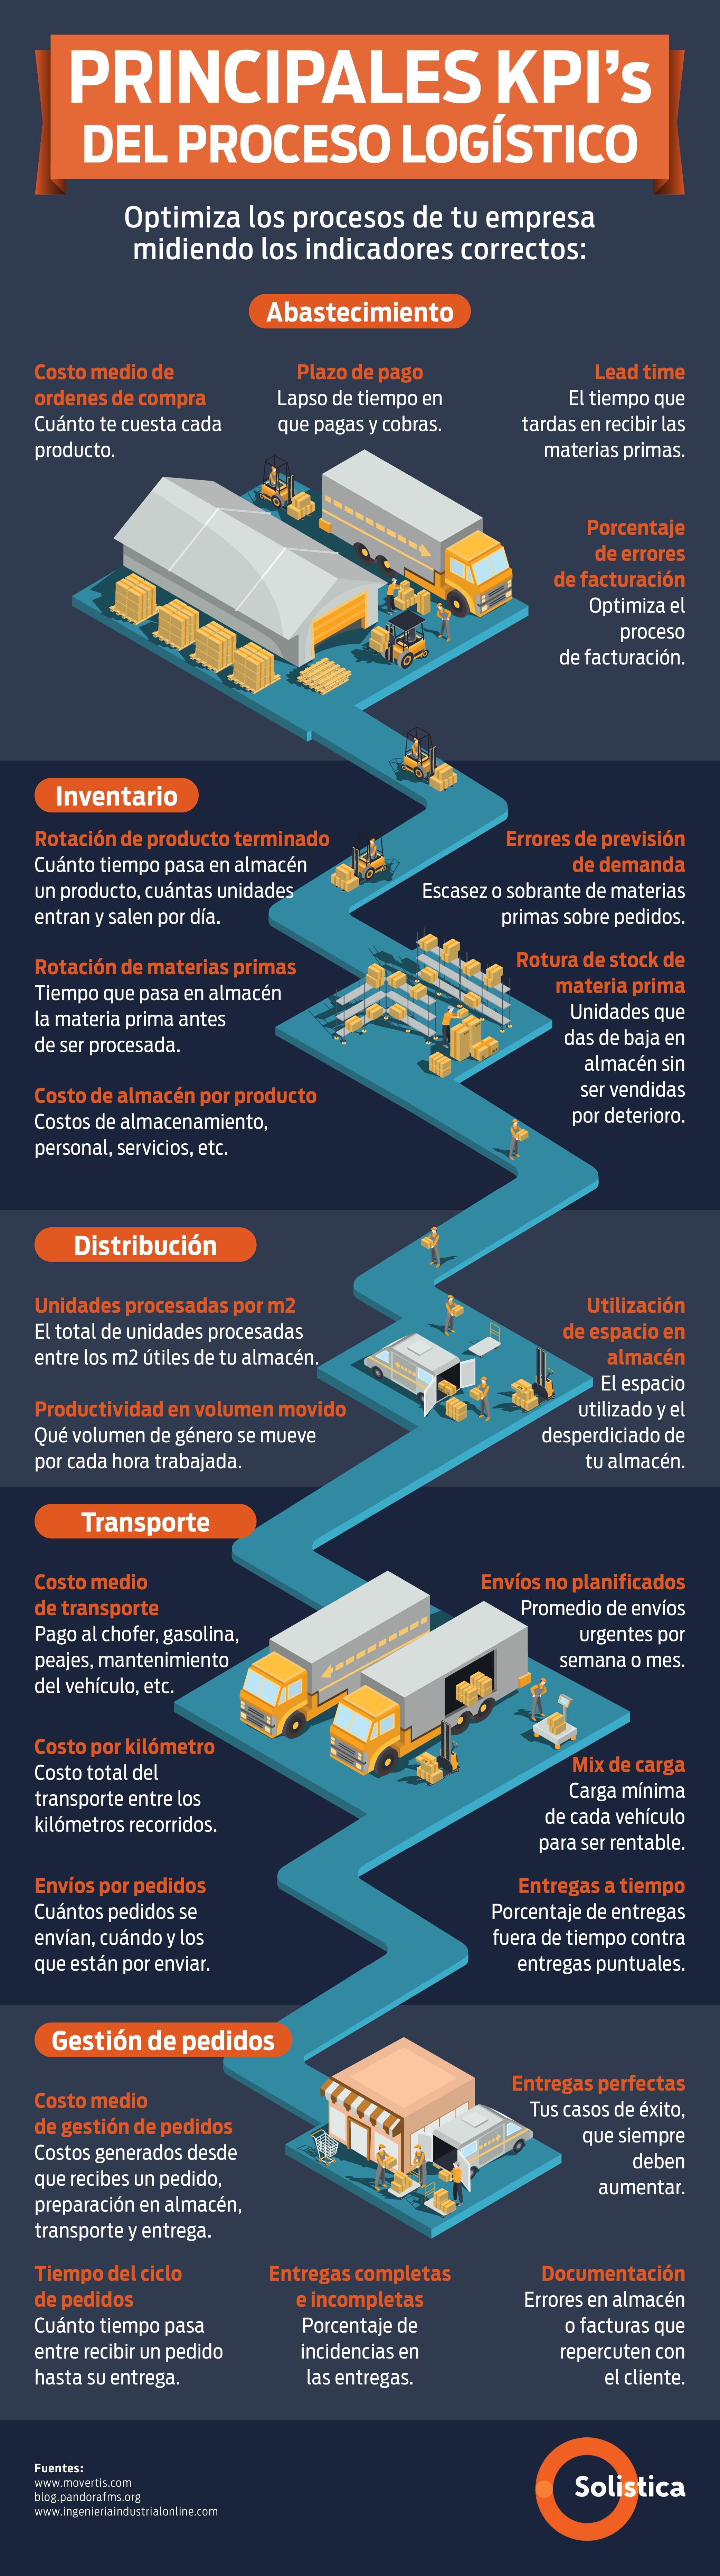 Principales KPIs del proceso logístico